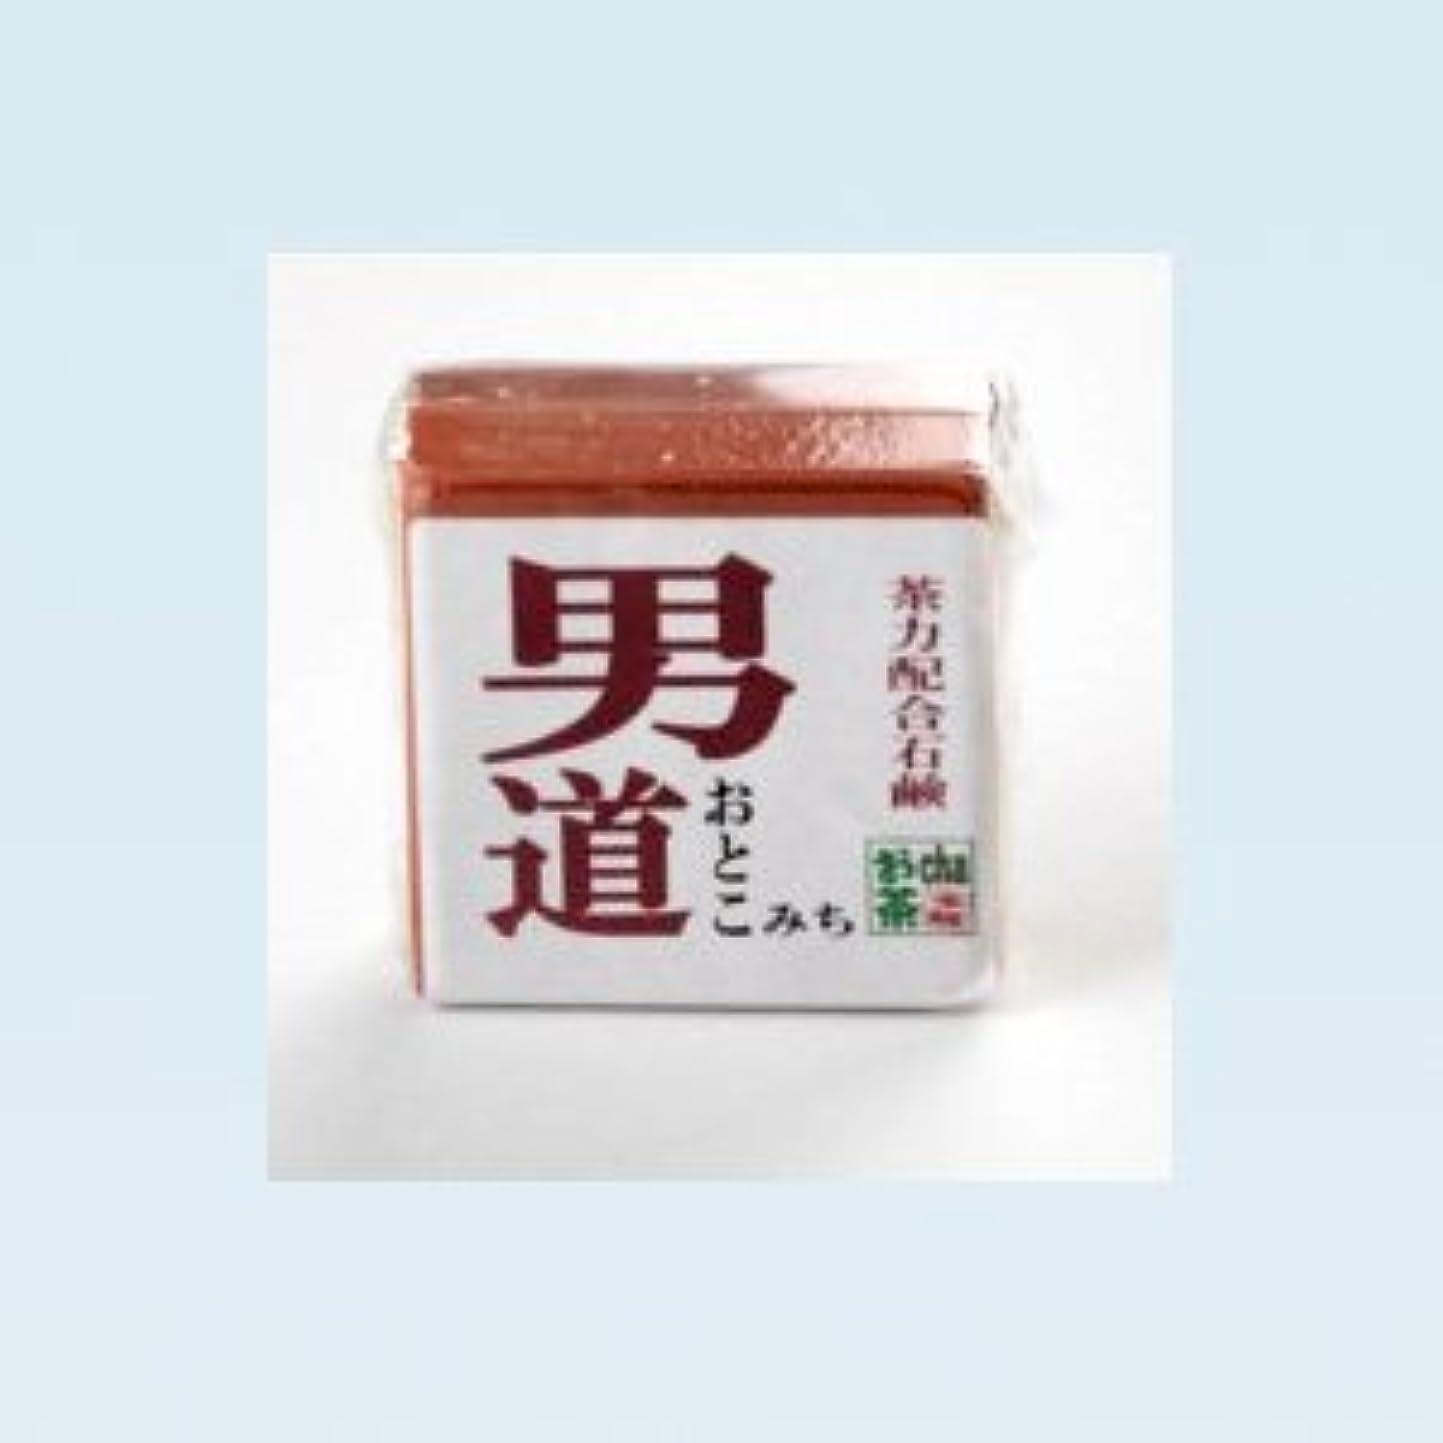 読む先史時代の皮肉な男性用無添加石鹸 男道 115g固形タイプ 抗菌力99.9%の日本初の無添加石鹸